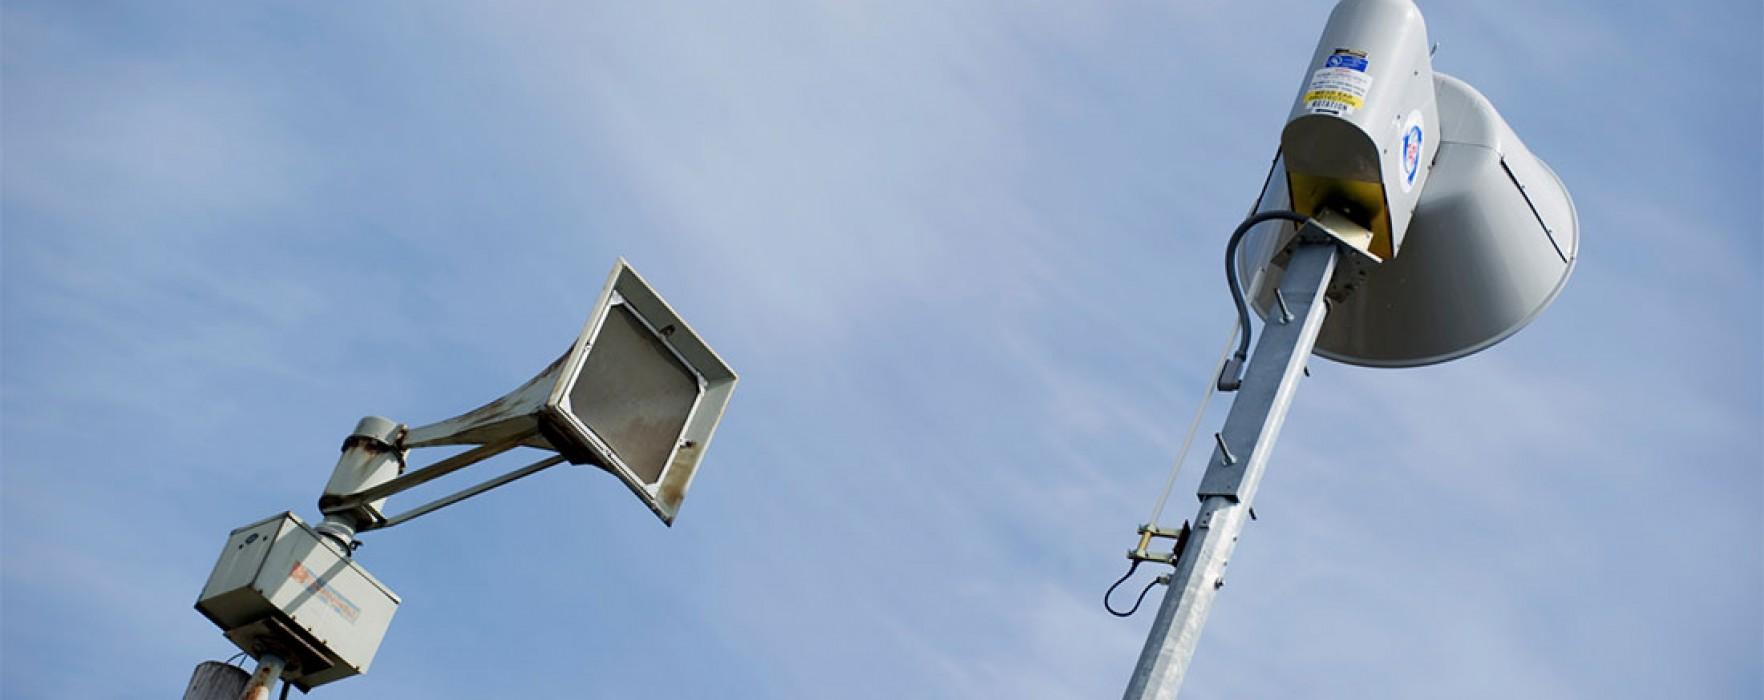 Dâmboviţa: Alarmele sună miercuri; este un exerciţiu de protecţie civilă